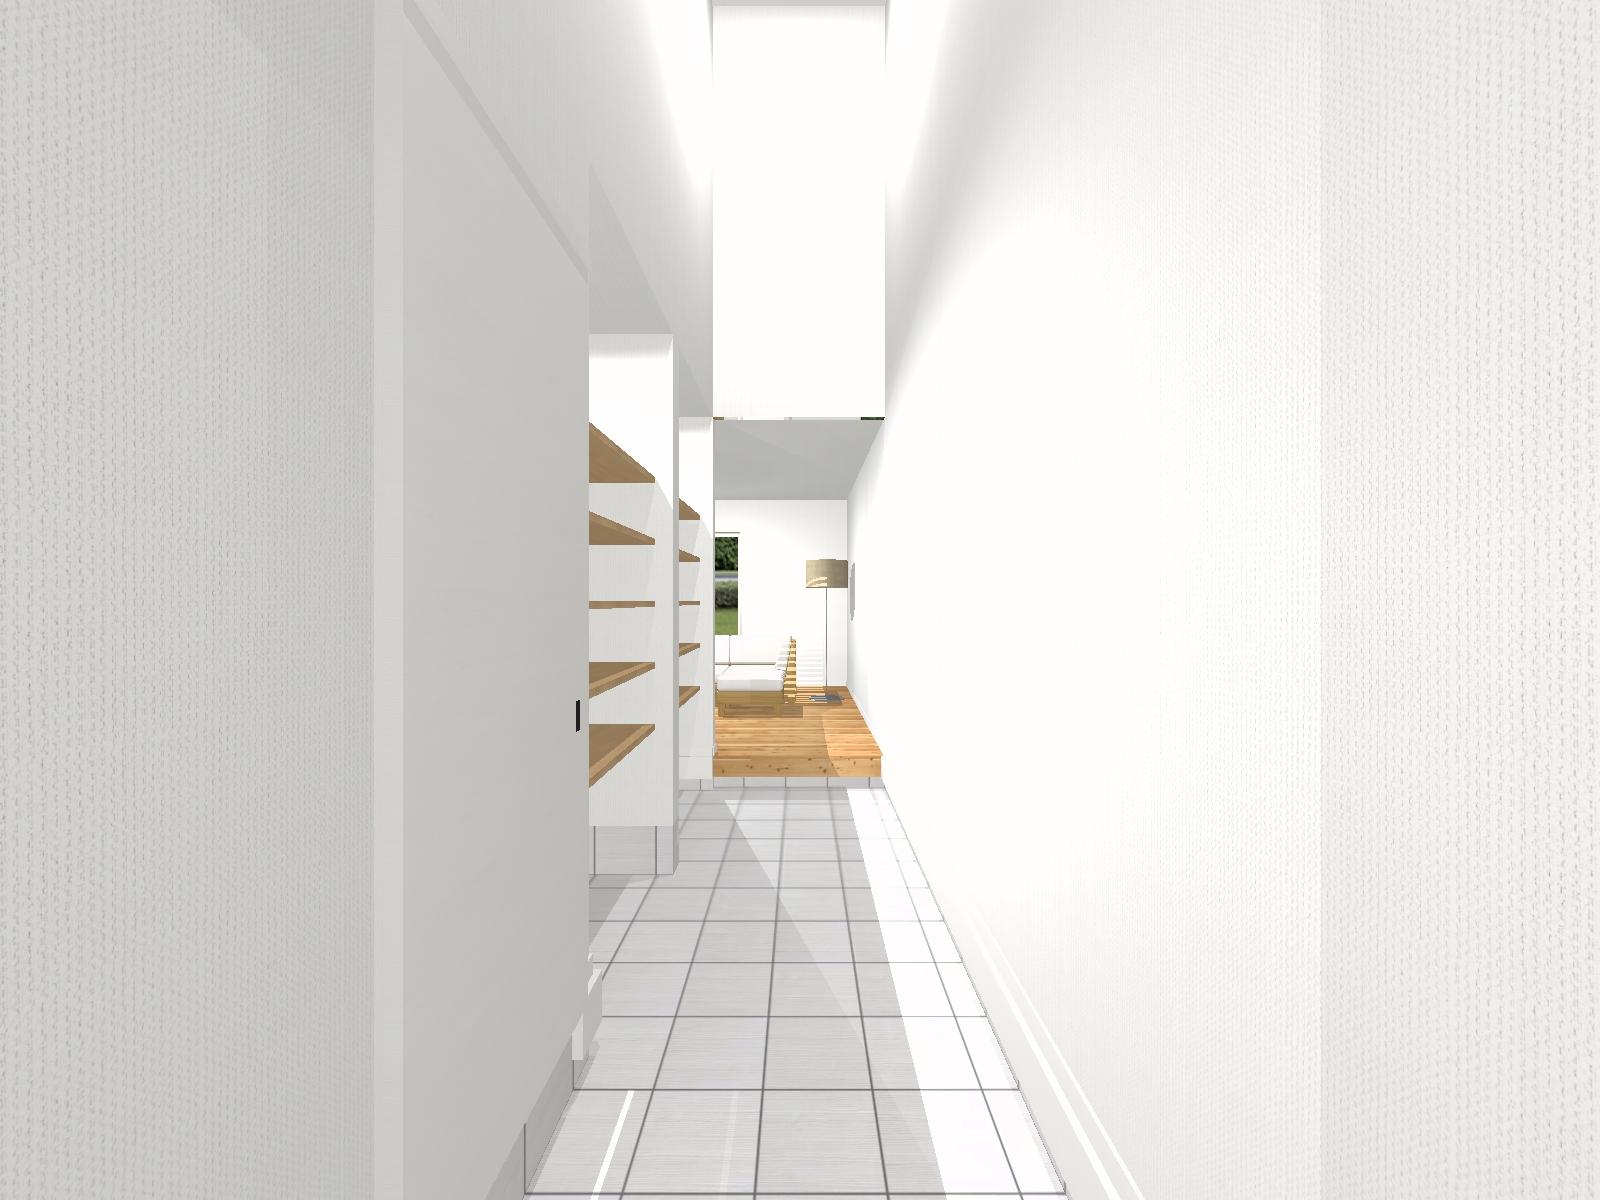 ING-home image『玄関』(内装)